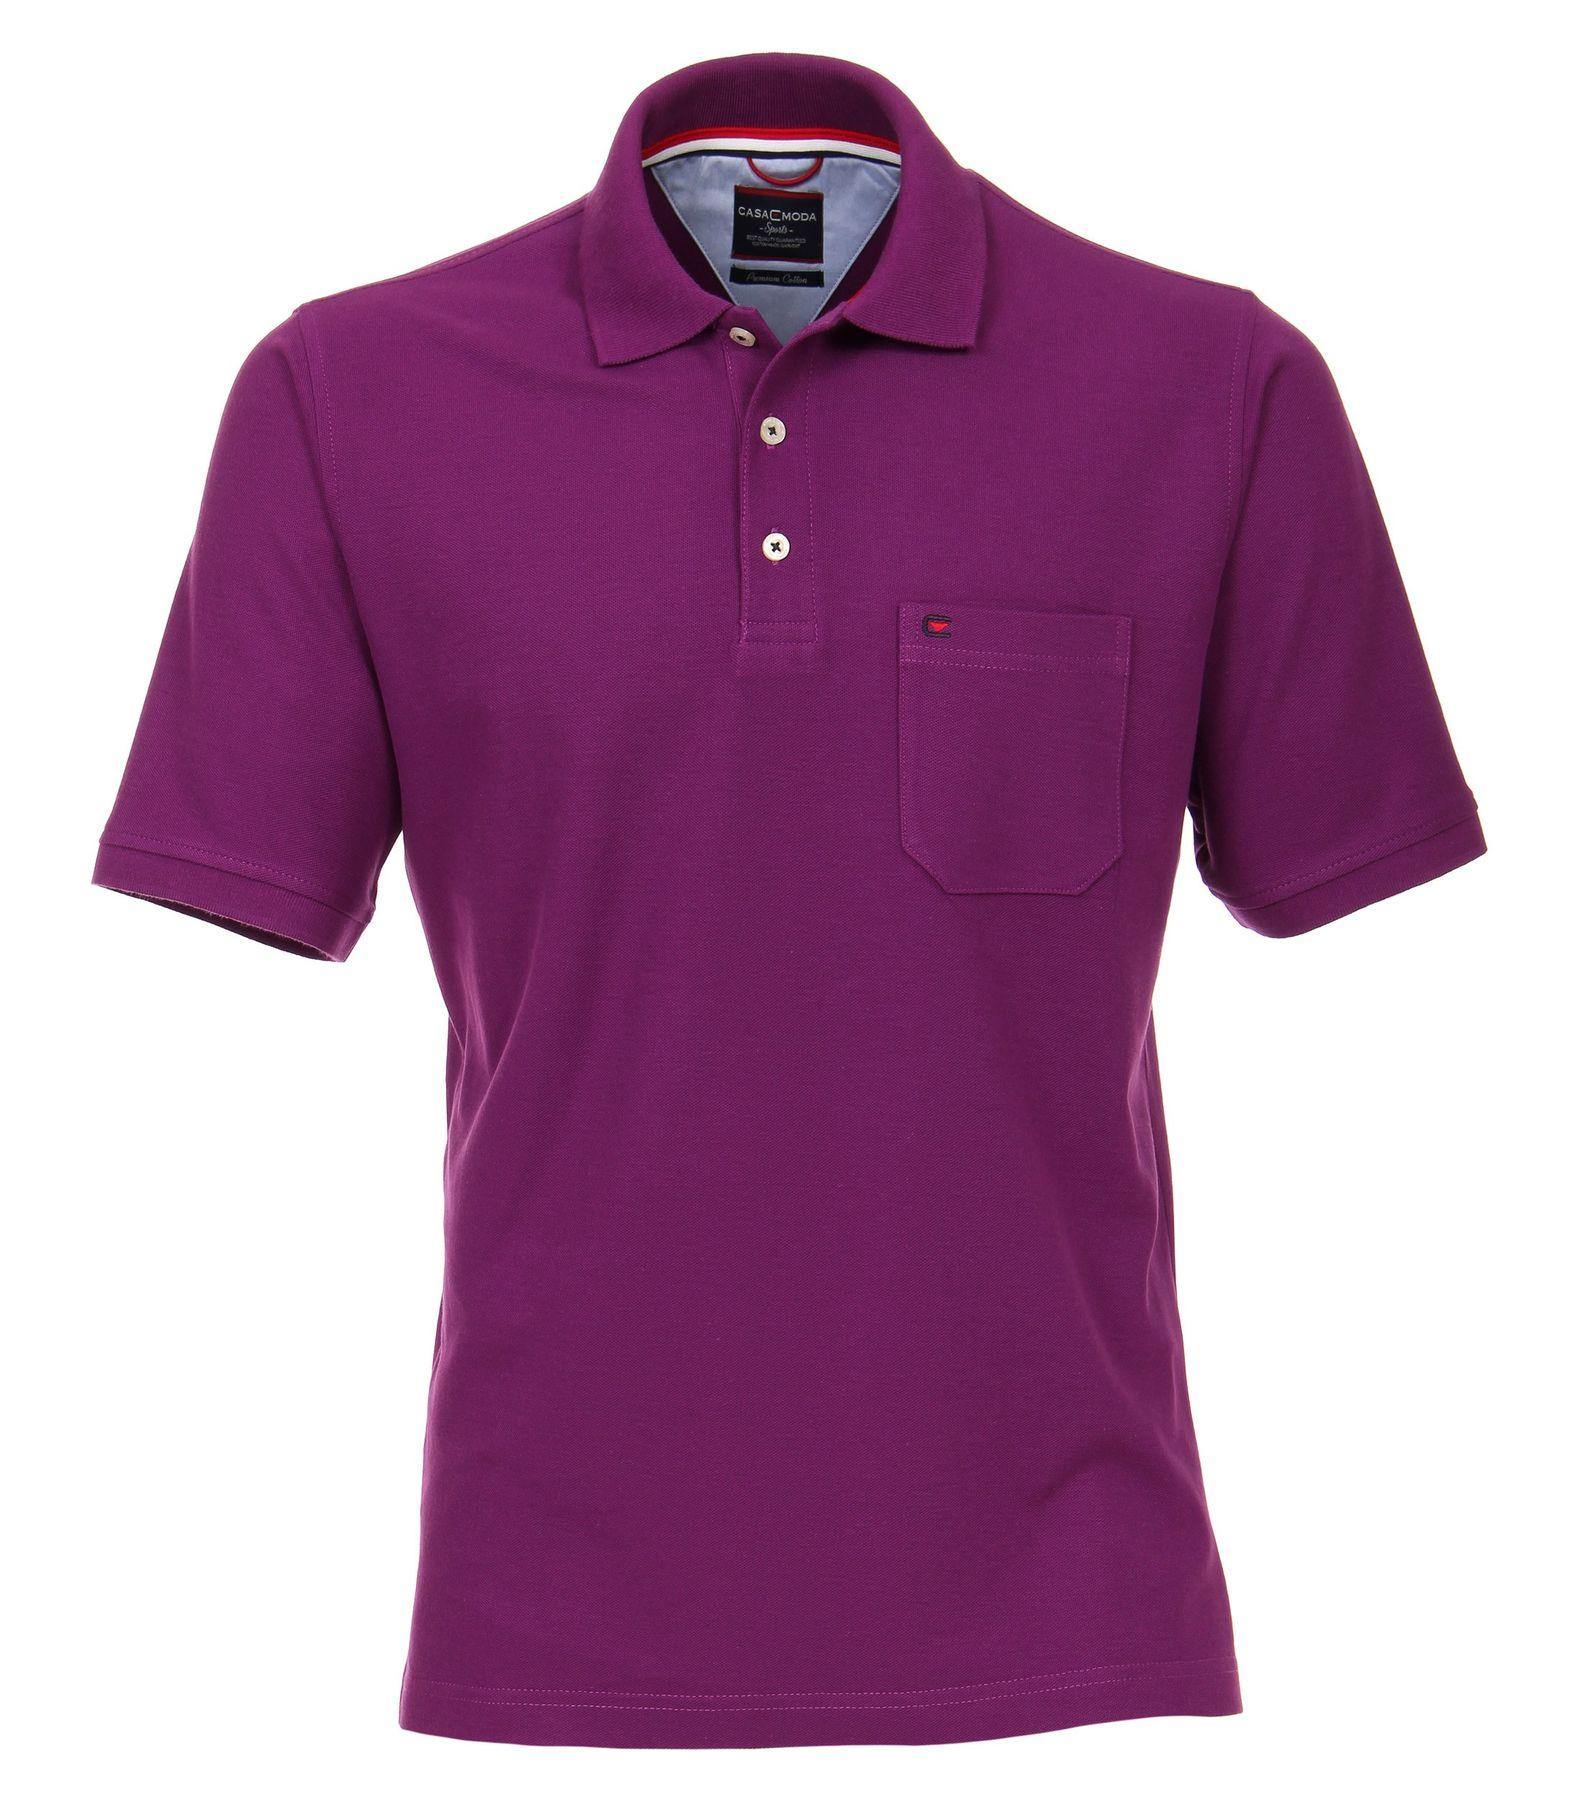 Casa Moda - Herren Polo Shirt mit Brusttasche in verschiedenen Farben S-6XL (004270) – Bild 23